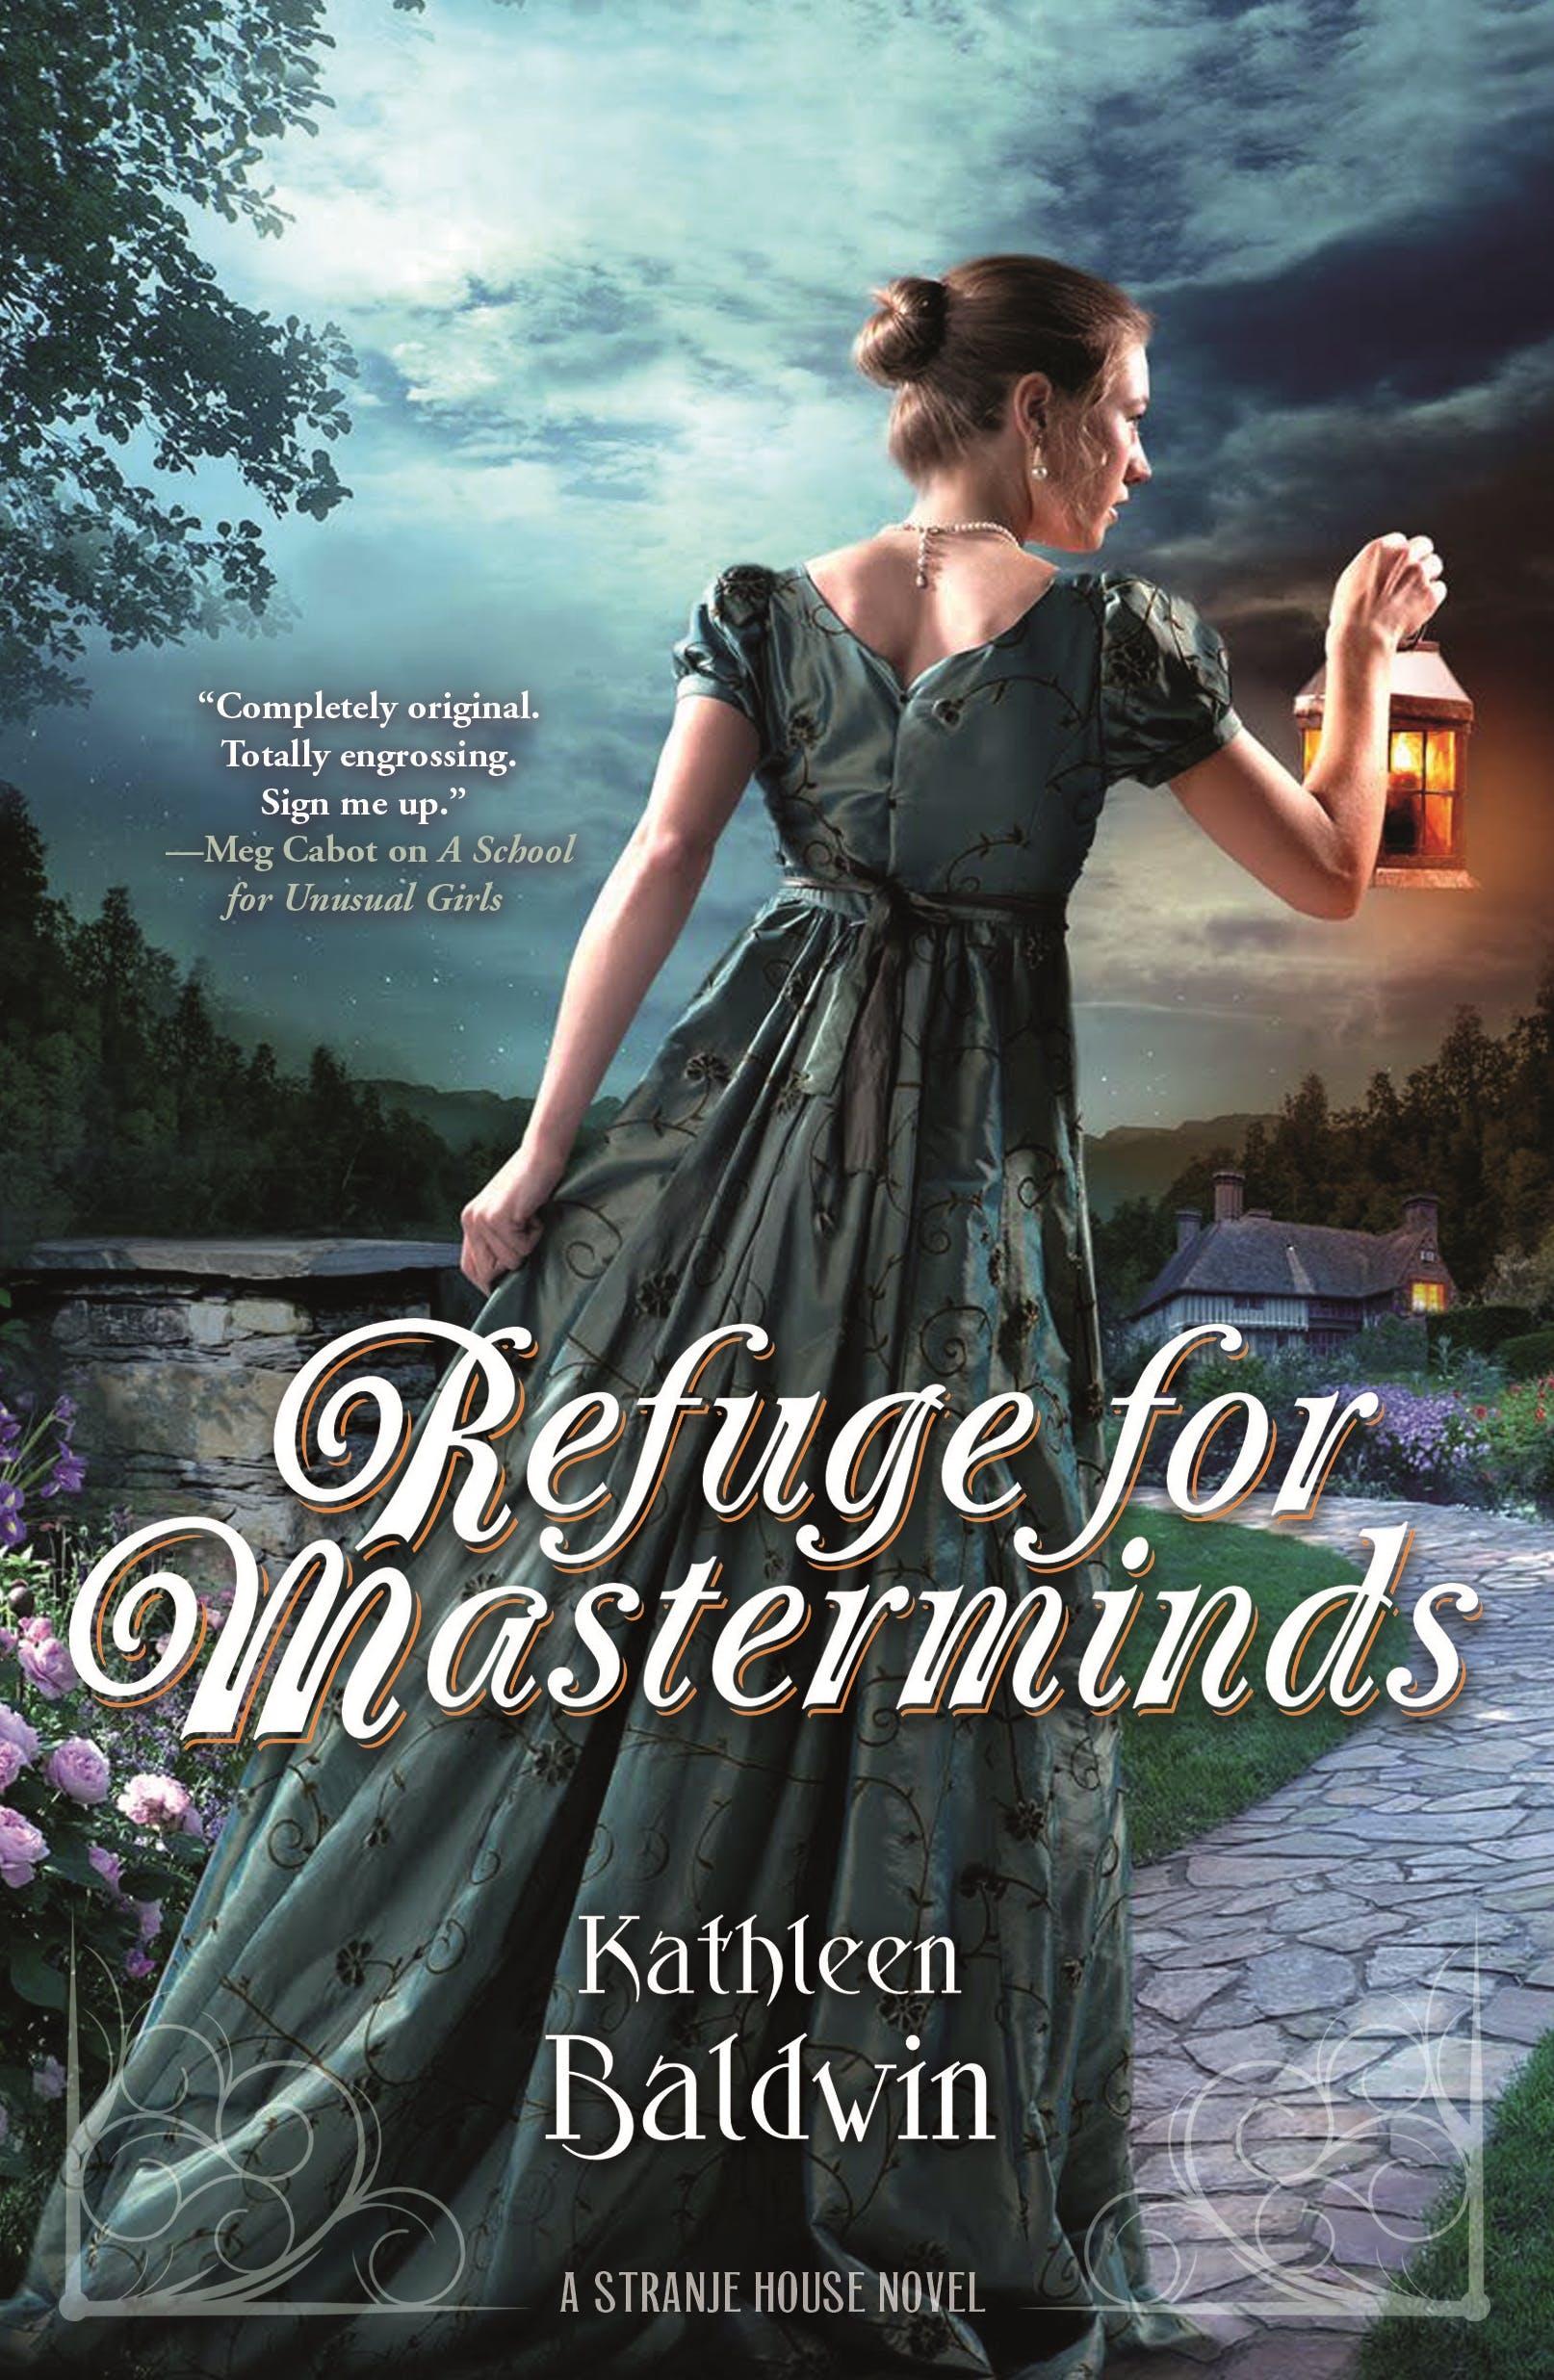 Image of Refuge for Masterminds